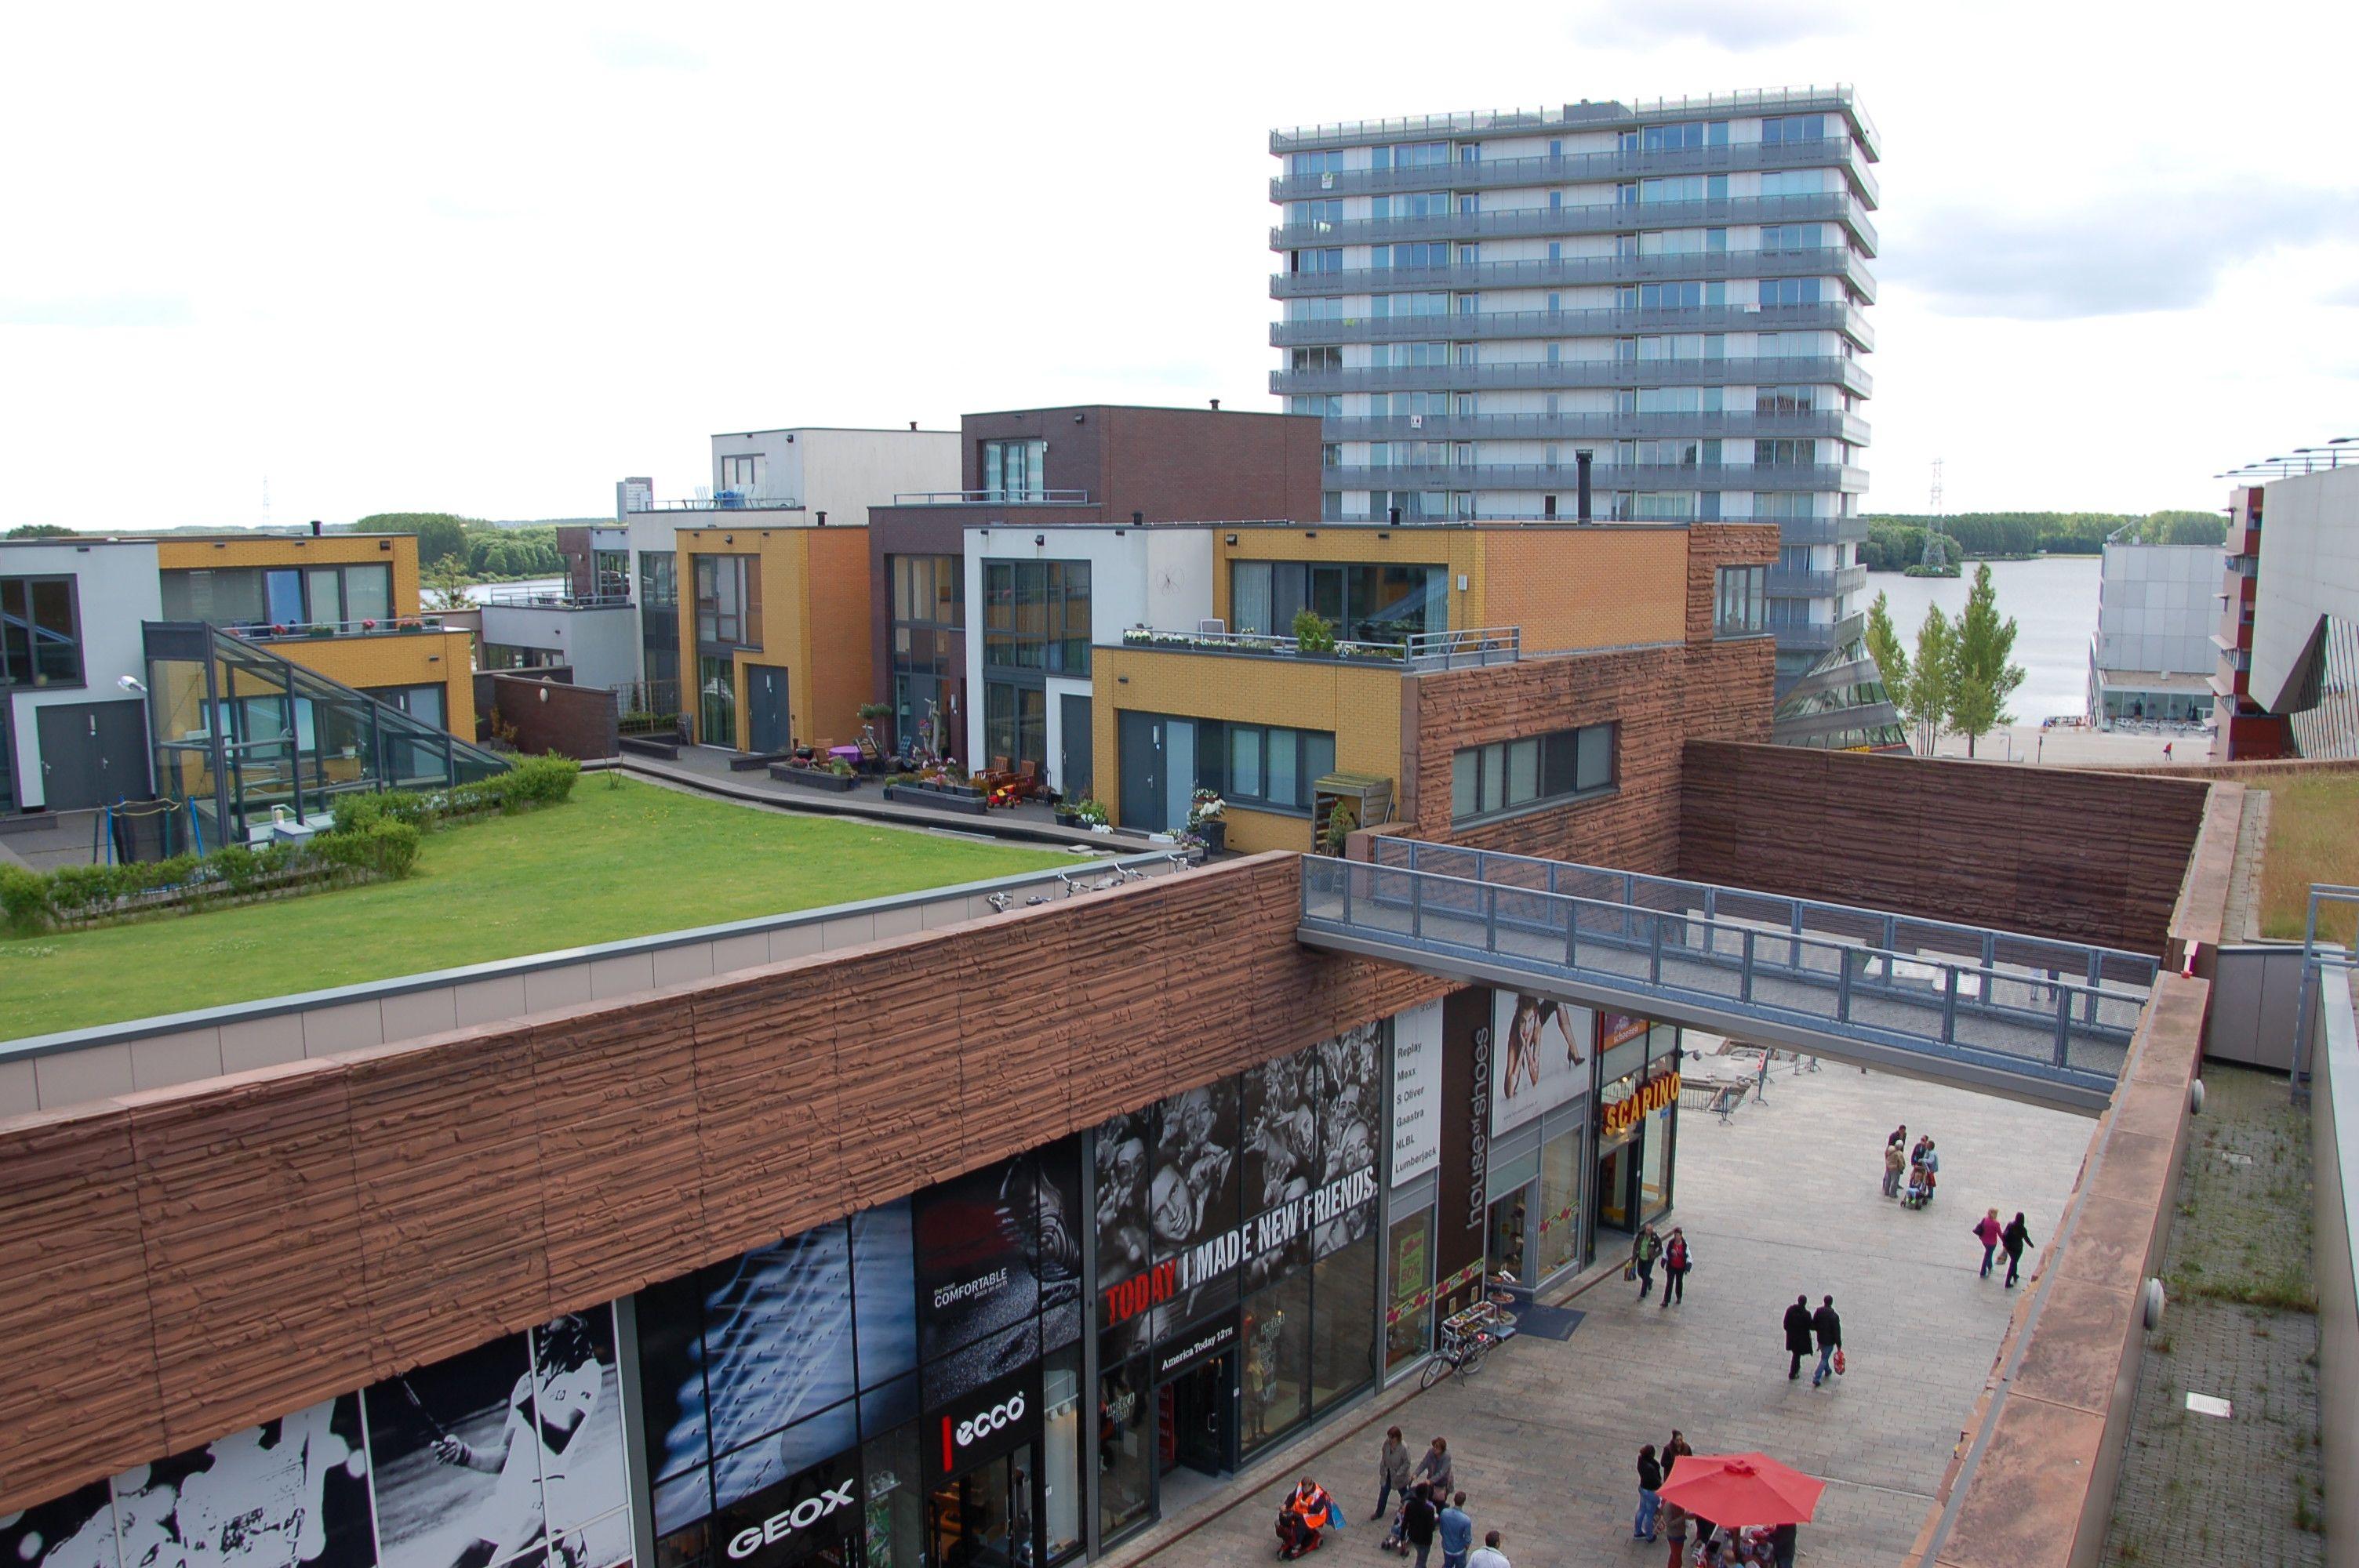 Fast wie im Tim-Burton-Film: Rem Koolhaas hat auf dem Dach seines Einkaufszentrums in Almere ein kleinbürgerliches Idyll geschaffen. (Bild: Ralf Johnen)